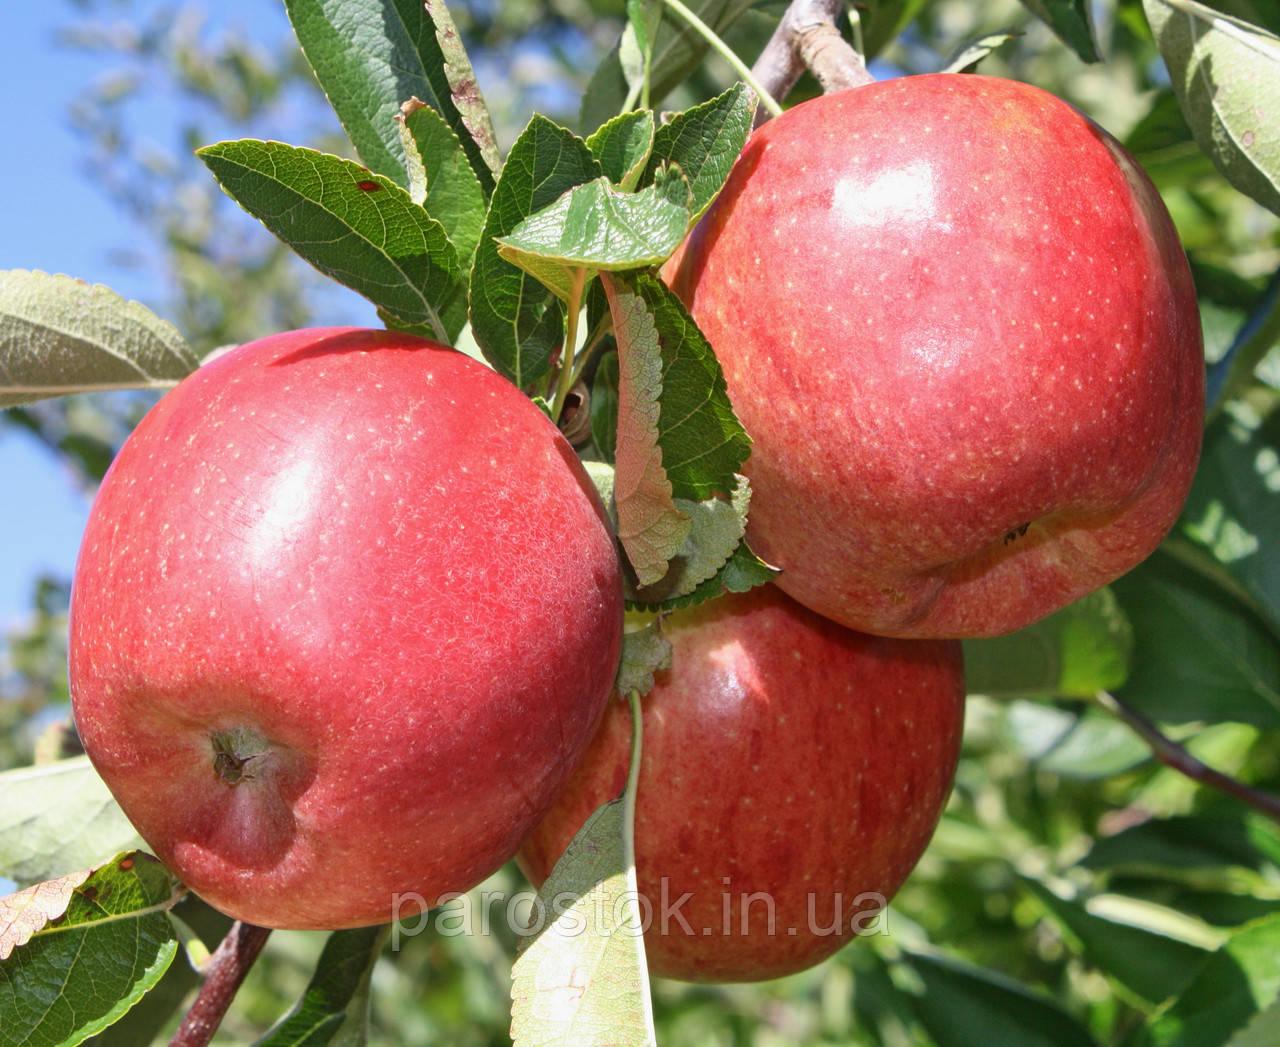 Яблоня Бребурн Ред Филд. (Б7-35). Зимний сорт